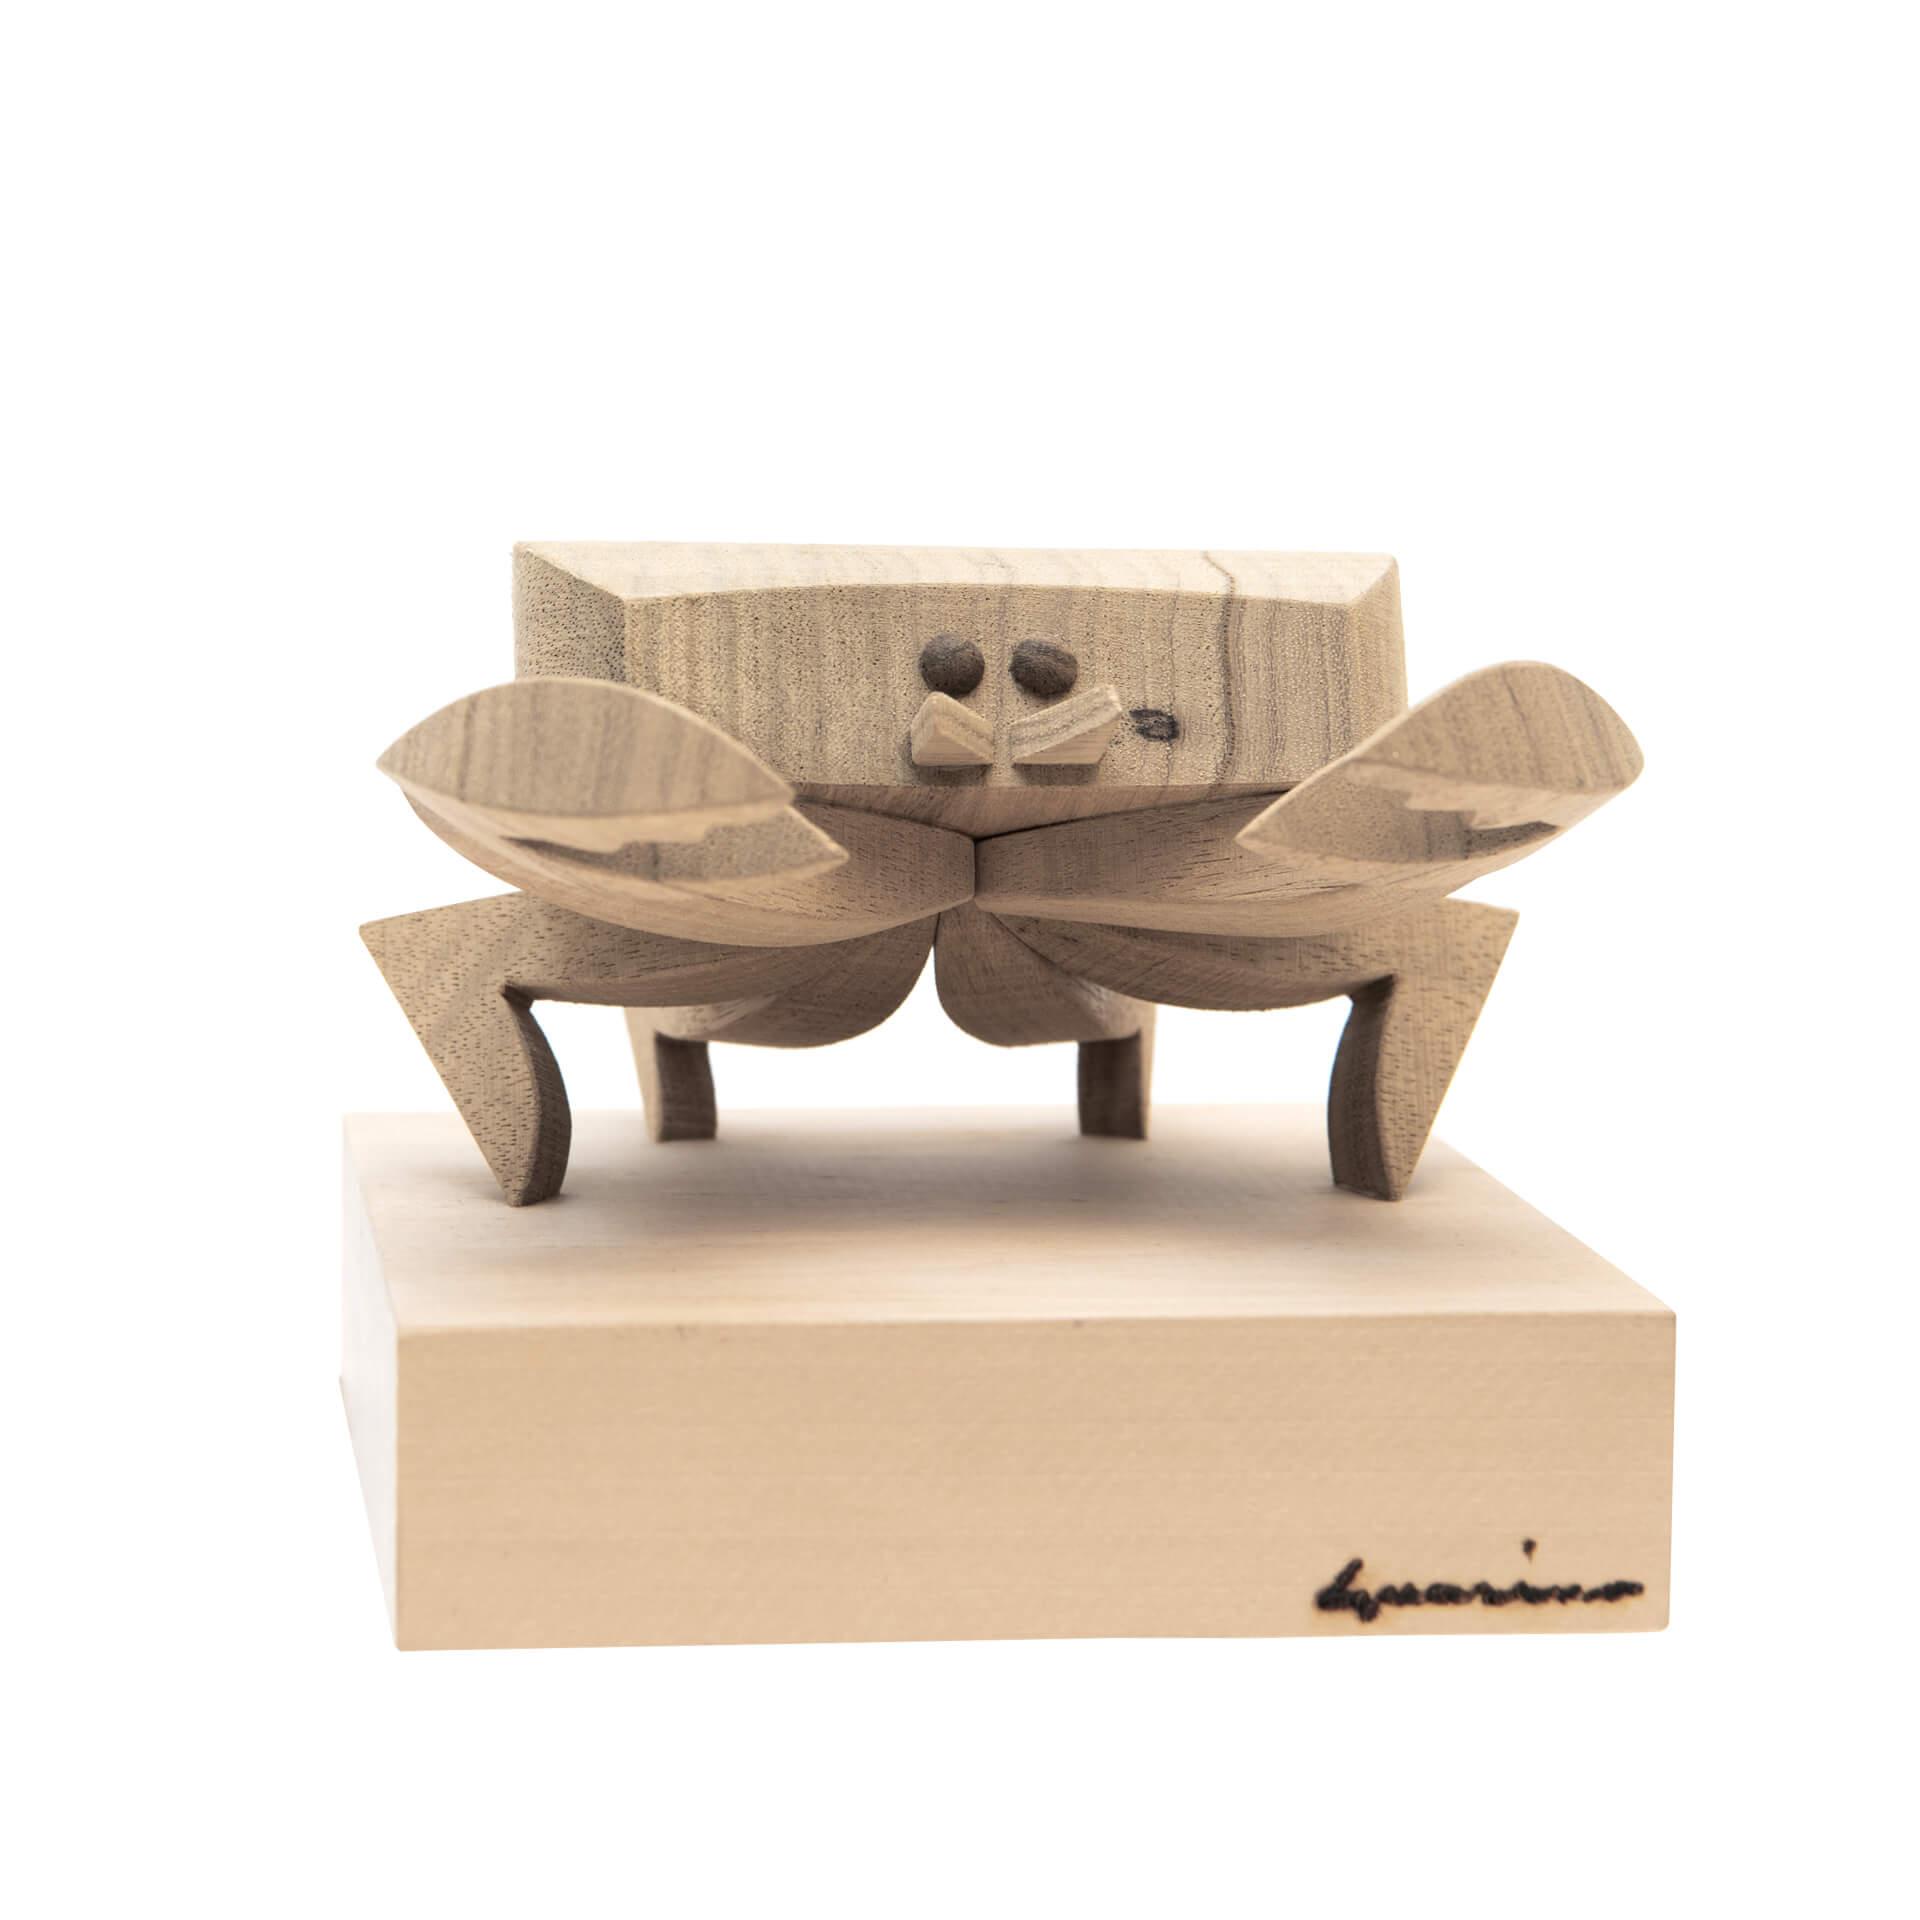 Scultura in legno Cancro - Dimensione media 14x 13 x 11 cm (b x p x h)